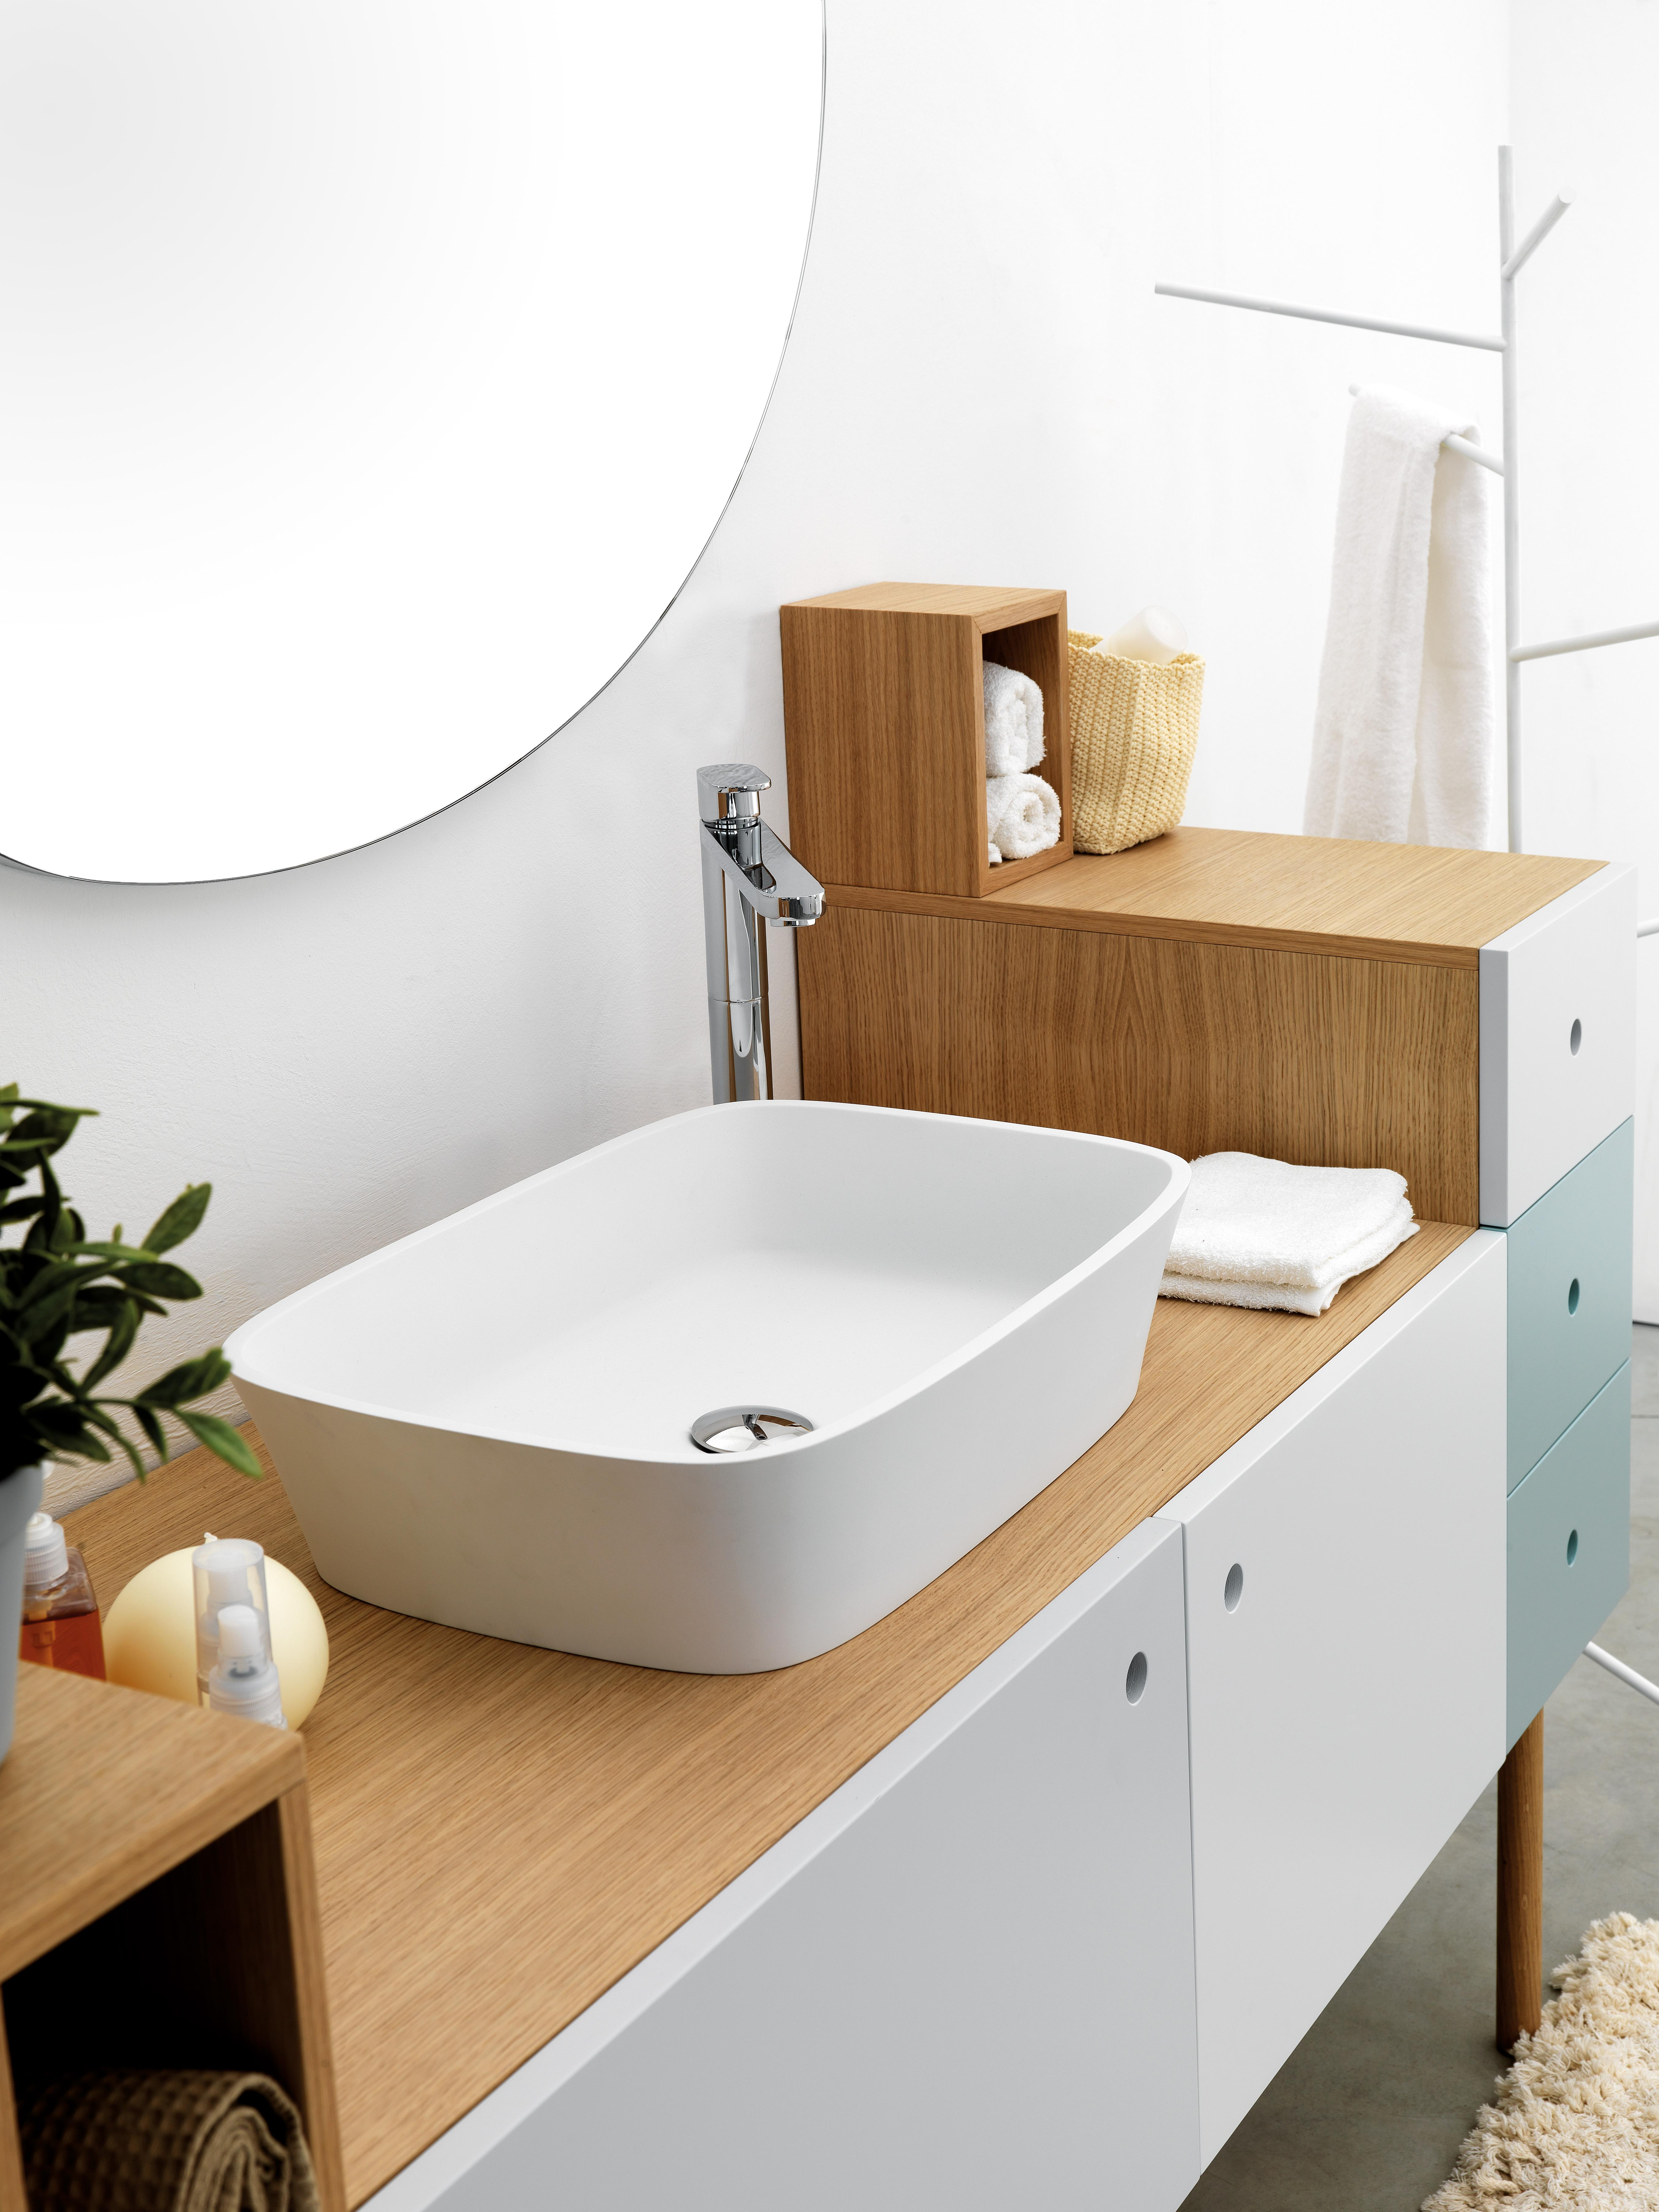 Sanitari e mobili coordinati - Coordinati bagno ...